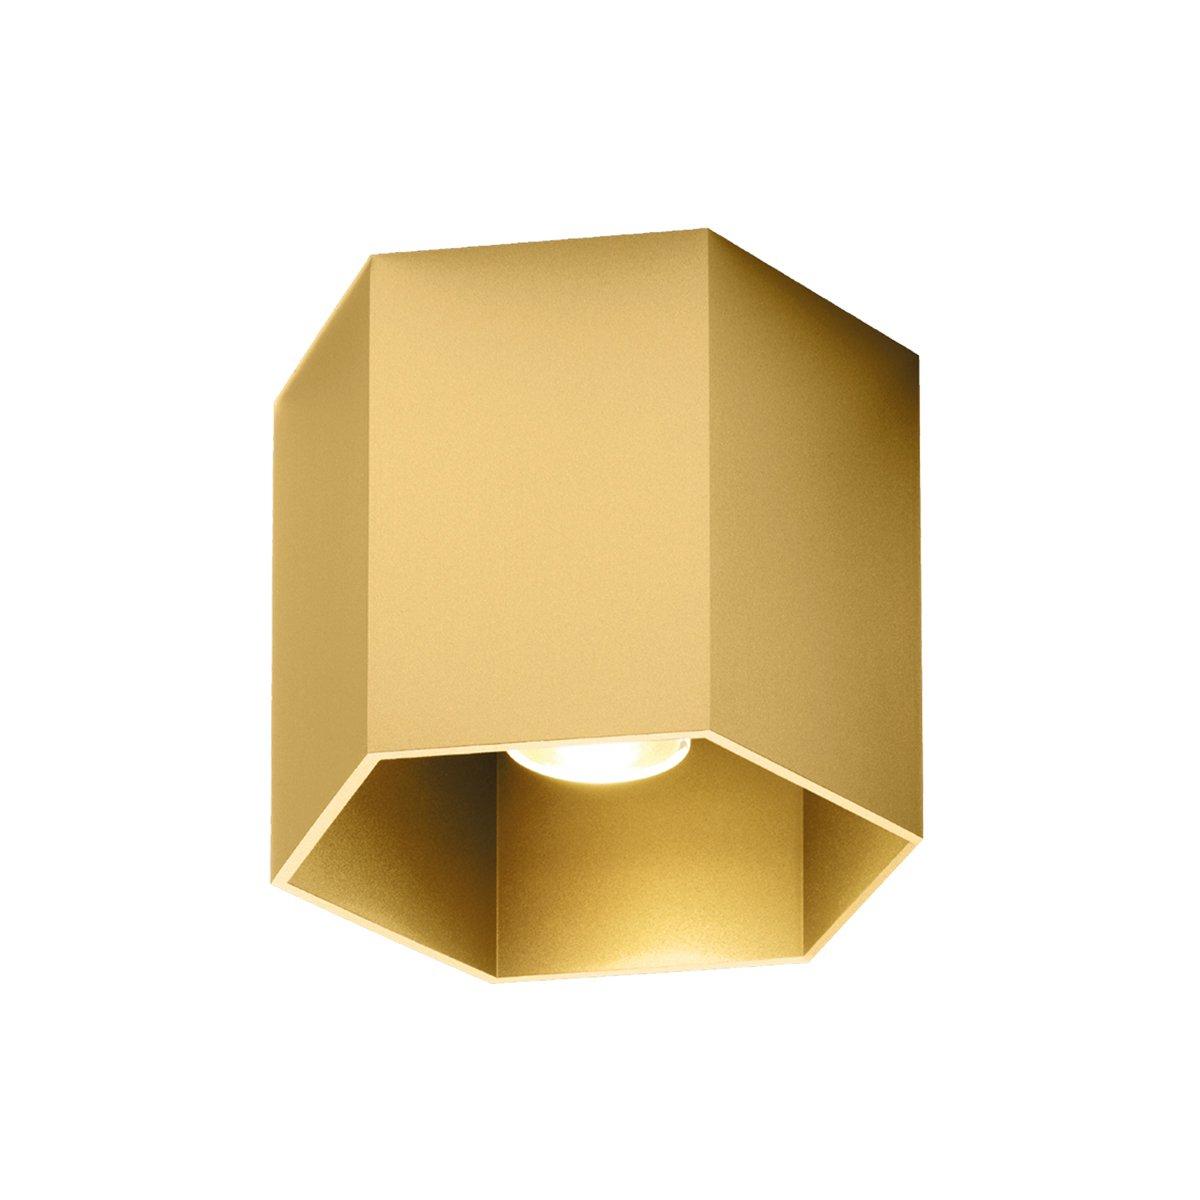 Wever & Ducr� Hexo 1.0 Plafondlamp Gold LED - 3000 Kelvin